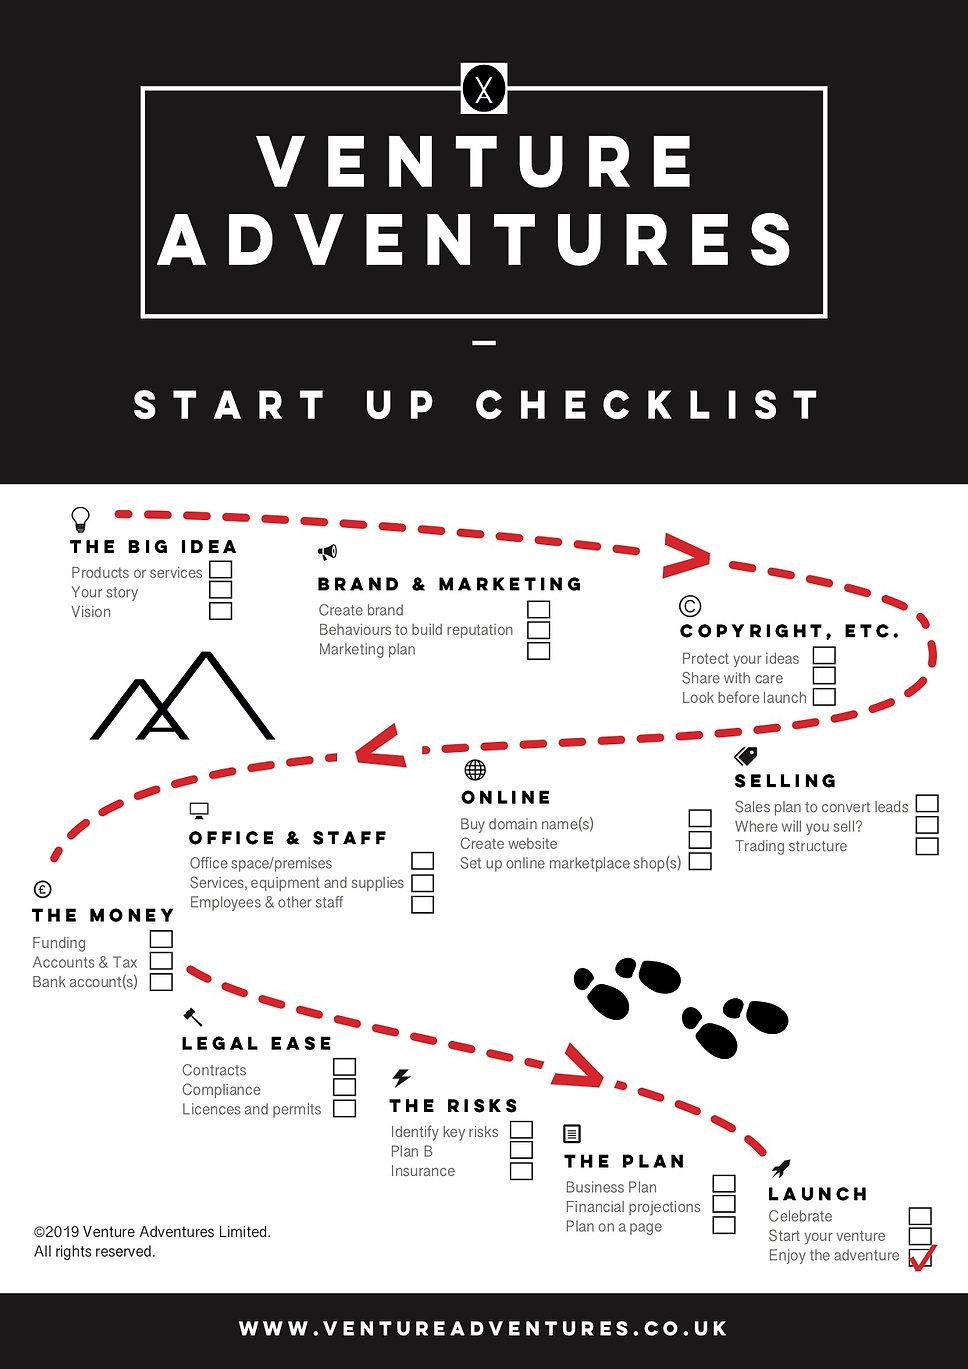 venture adventures checklist.jpg